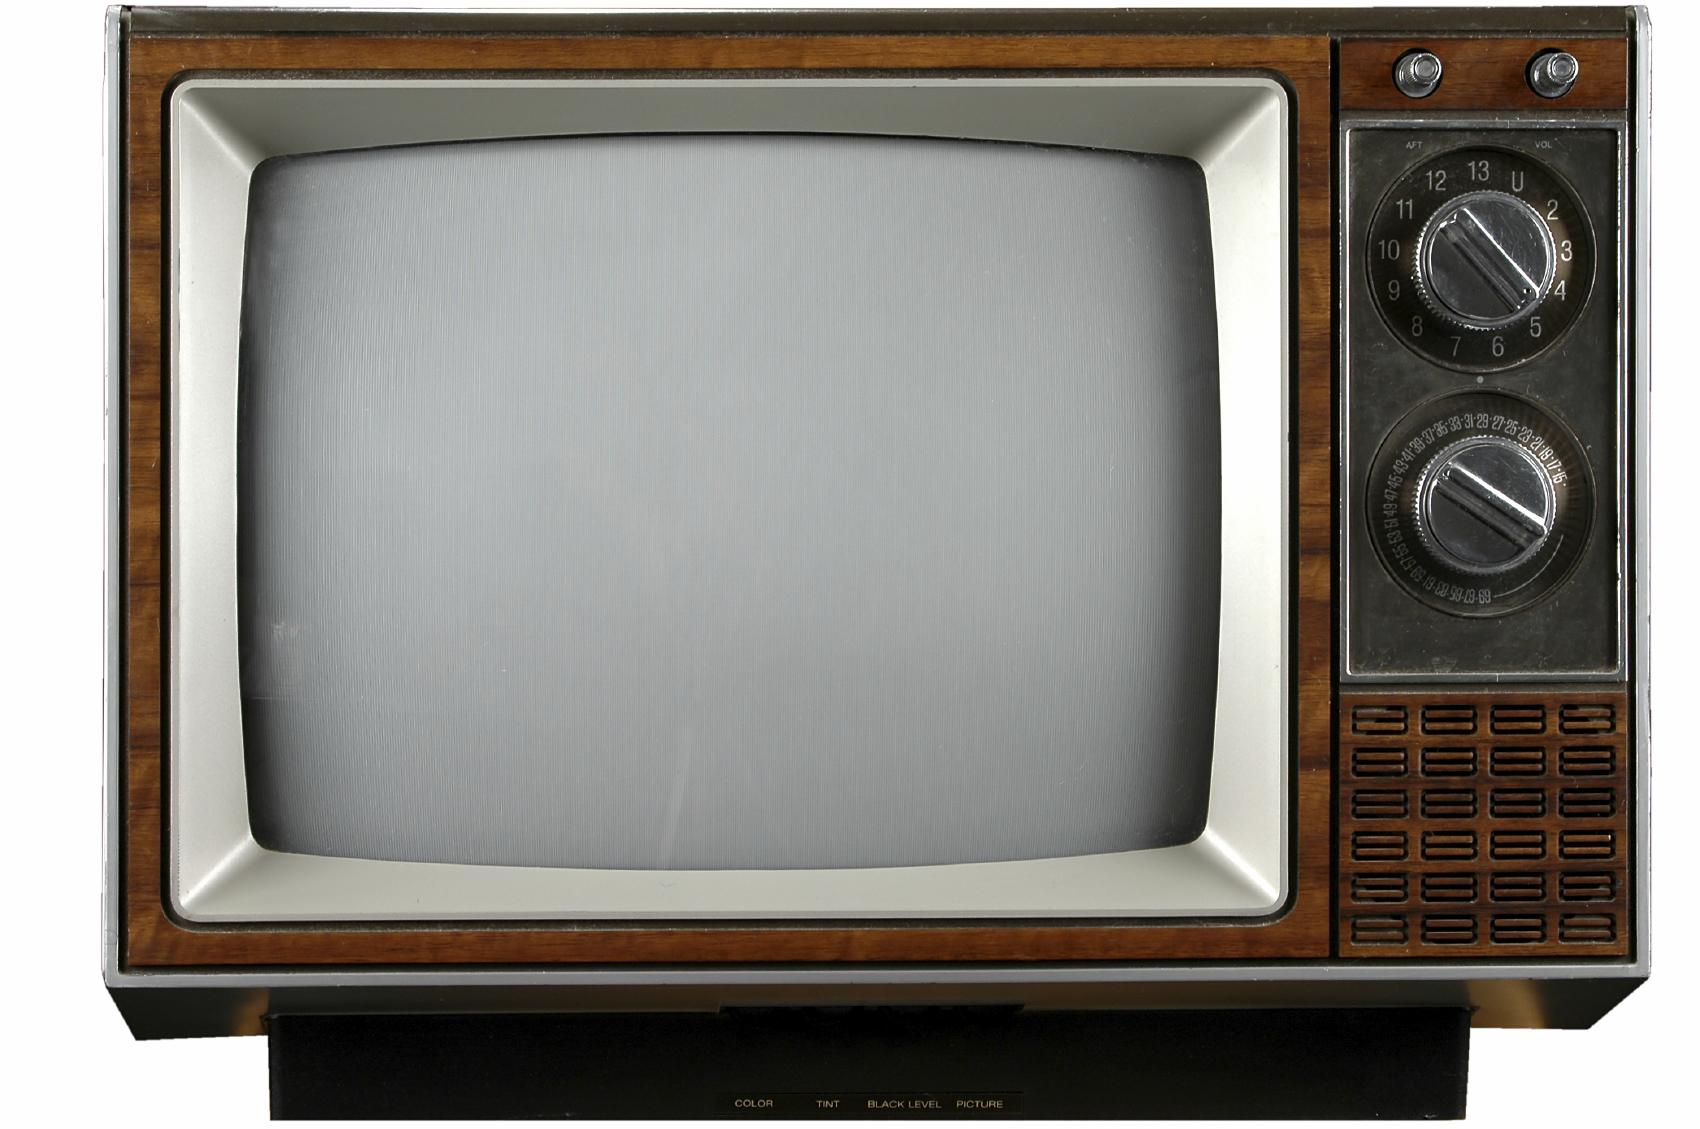 22 TV Off Vintage Television Wallpaper